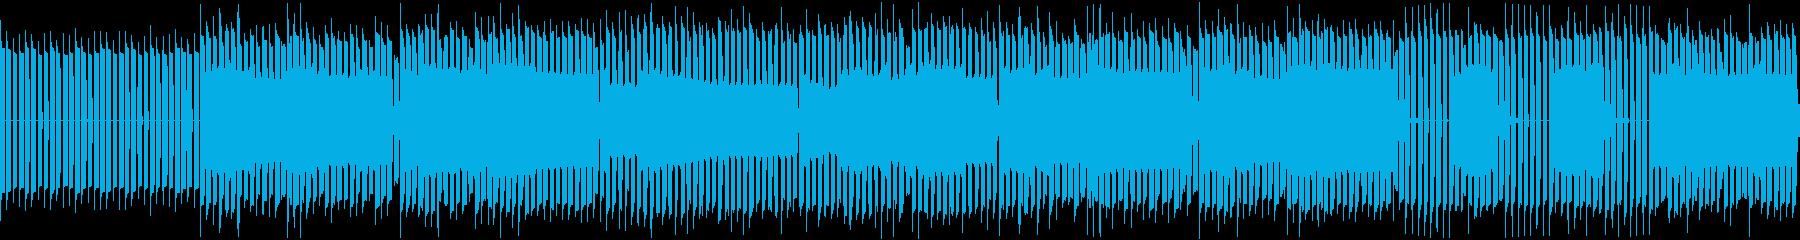 ちょっとレトロで可愛い曲です。の再生済みの波形